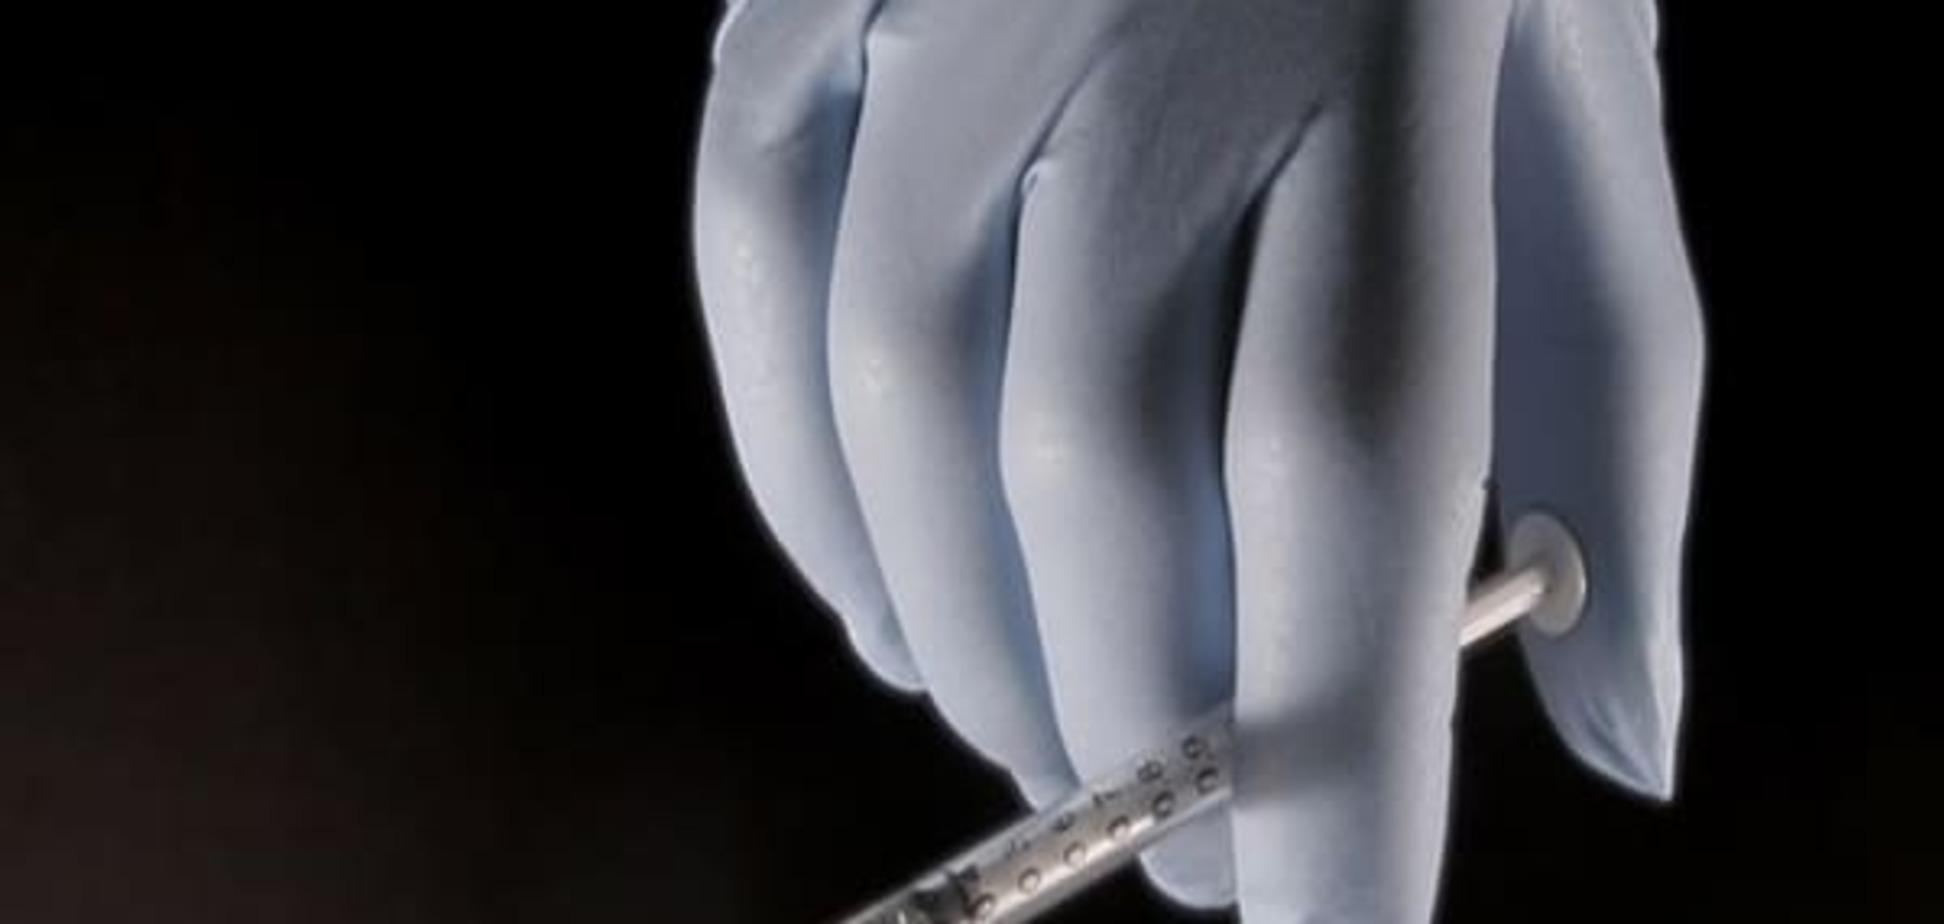 Смерть дитини після вакцинації: що стало причиною трагедії